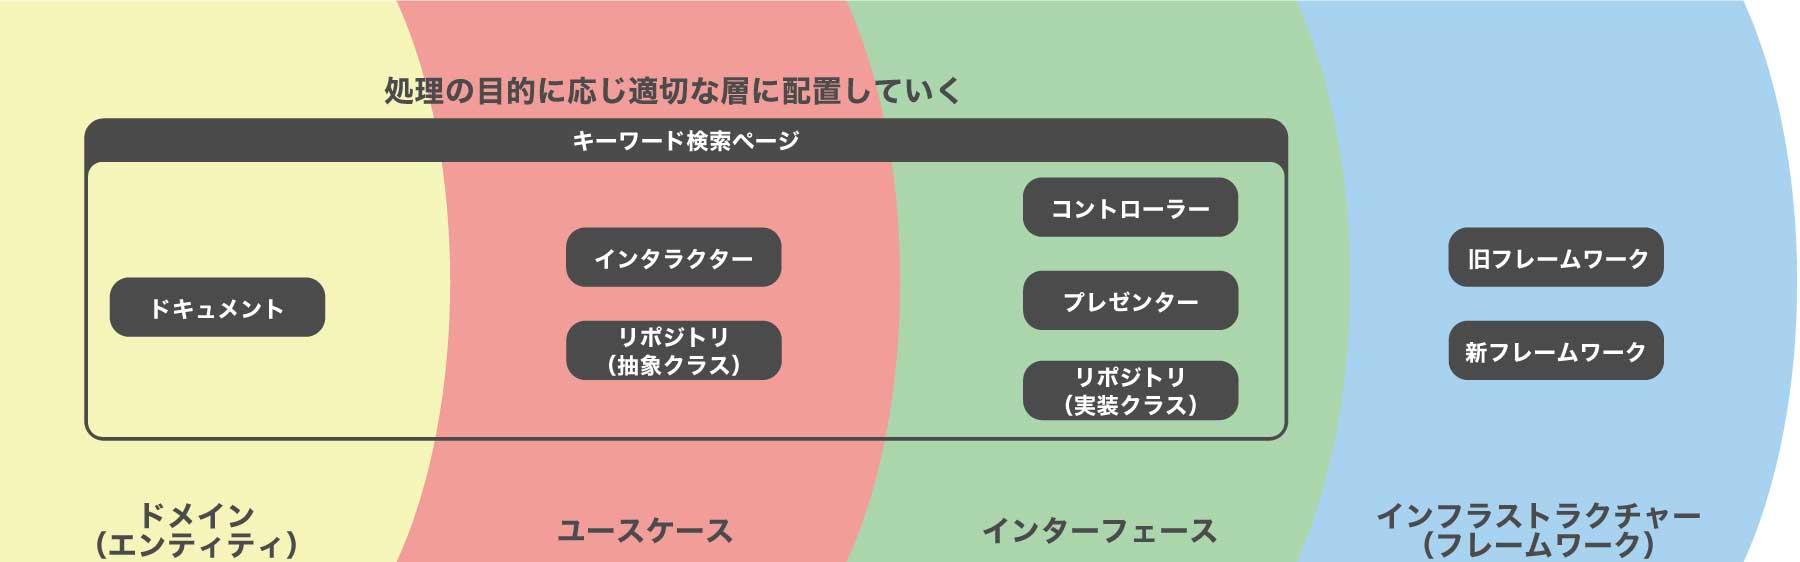 クリーンアーキテクチャ図版4